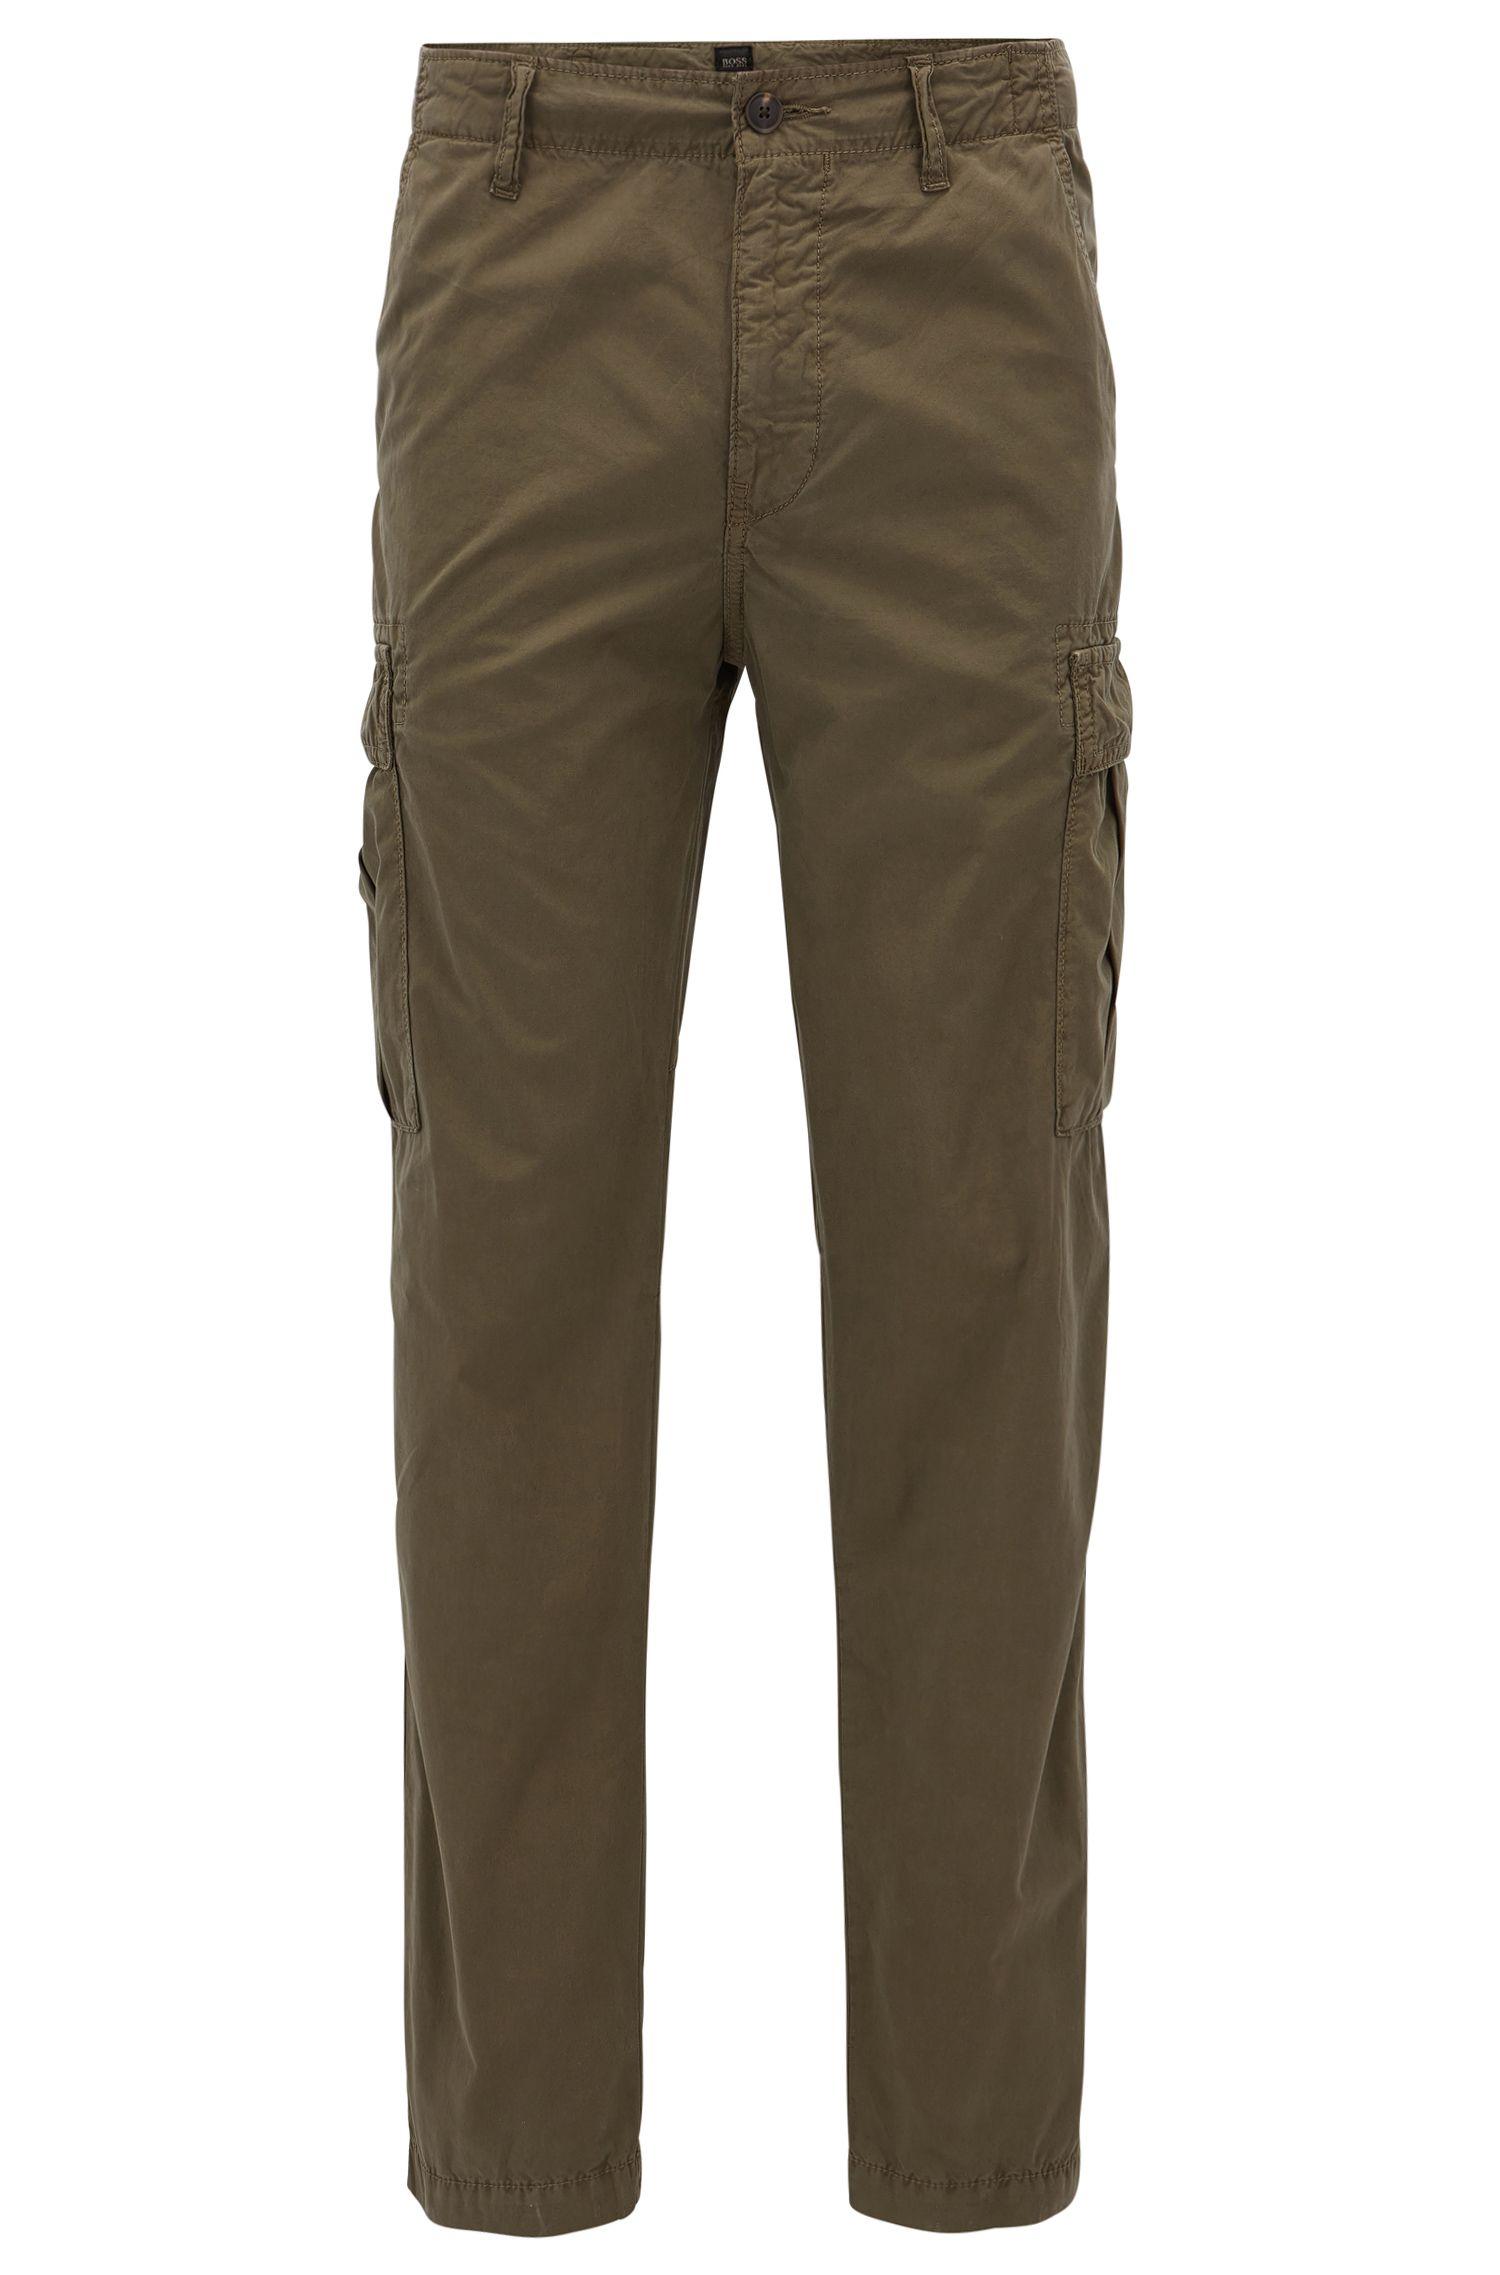 Pantalones cargo tapered fit en popelín de algodón